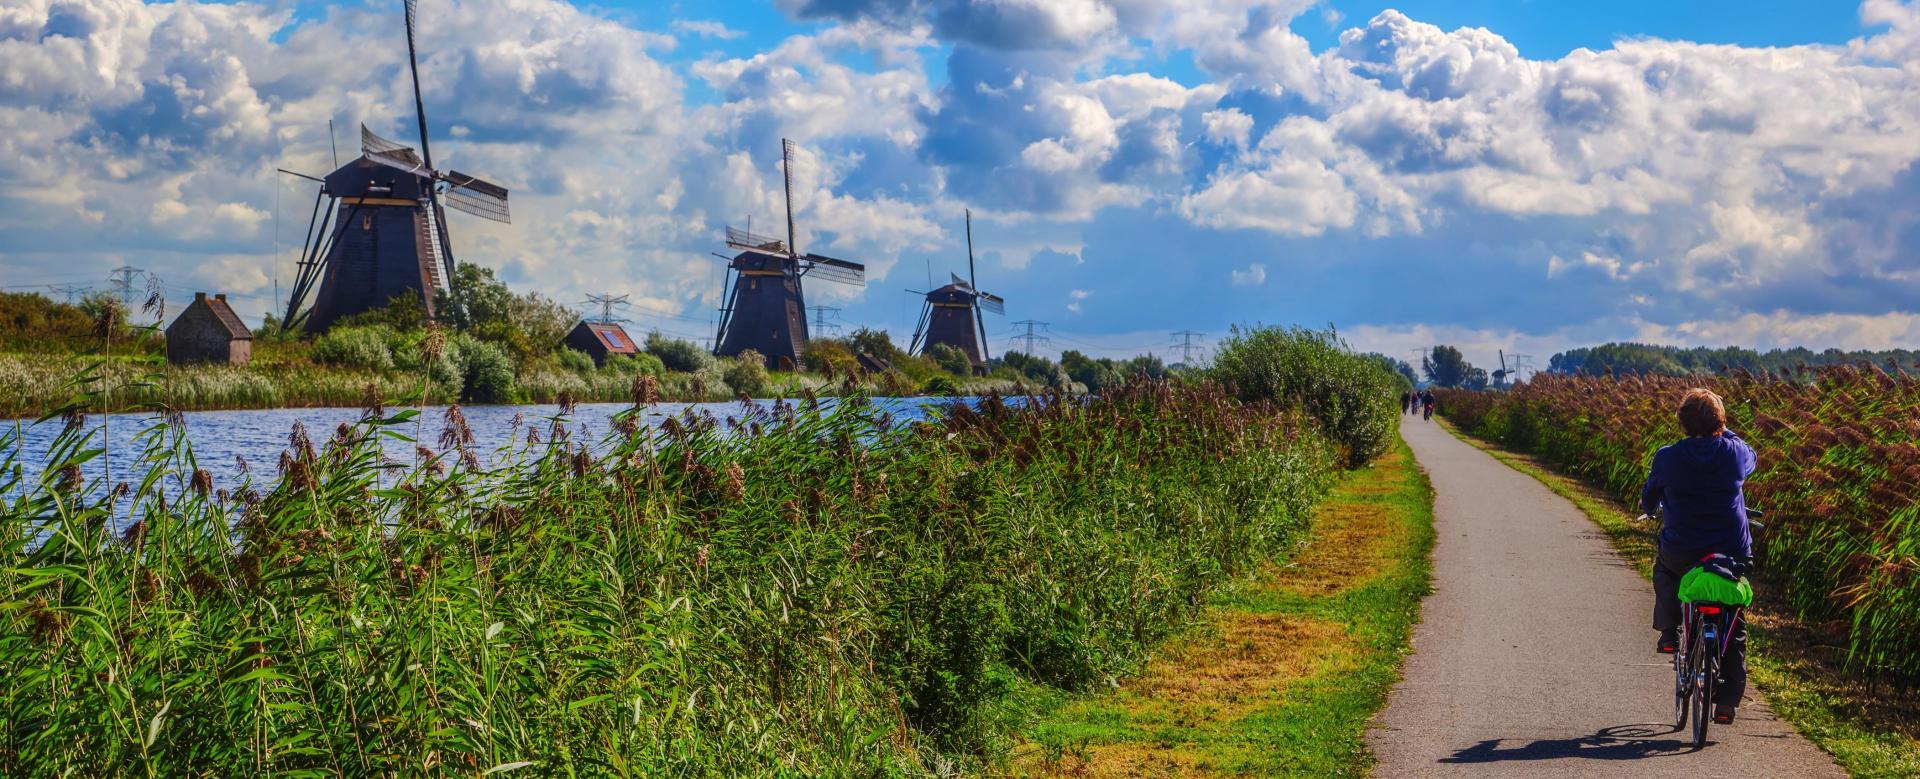 Voyage en véhicule Pays-Bas : De bruges à amsterdam à vélo